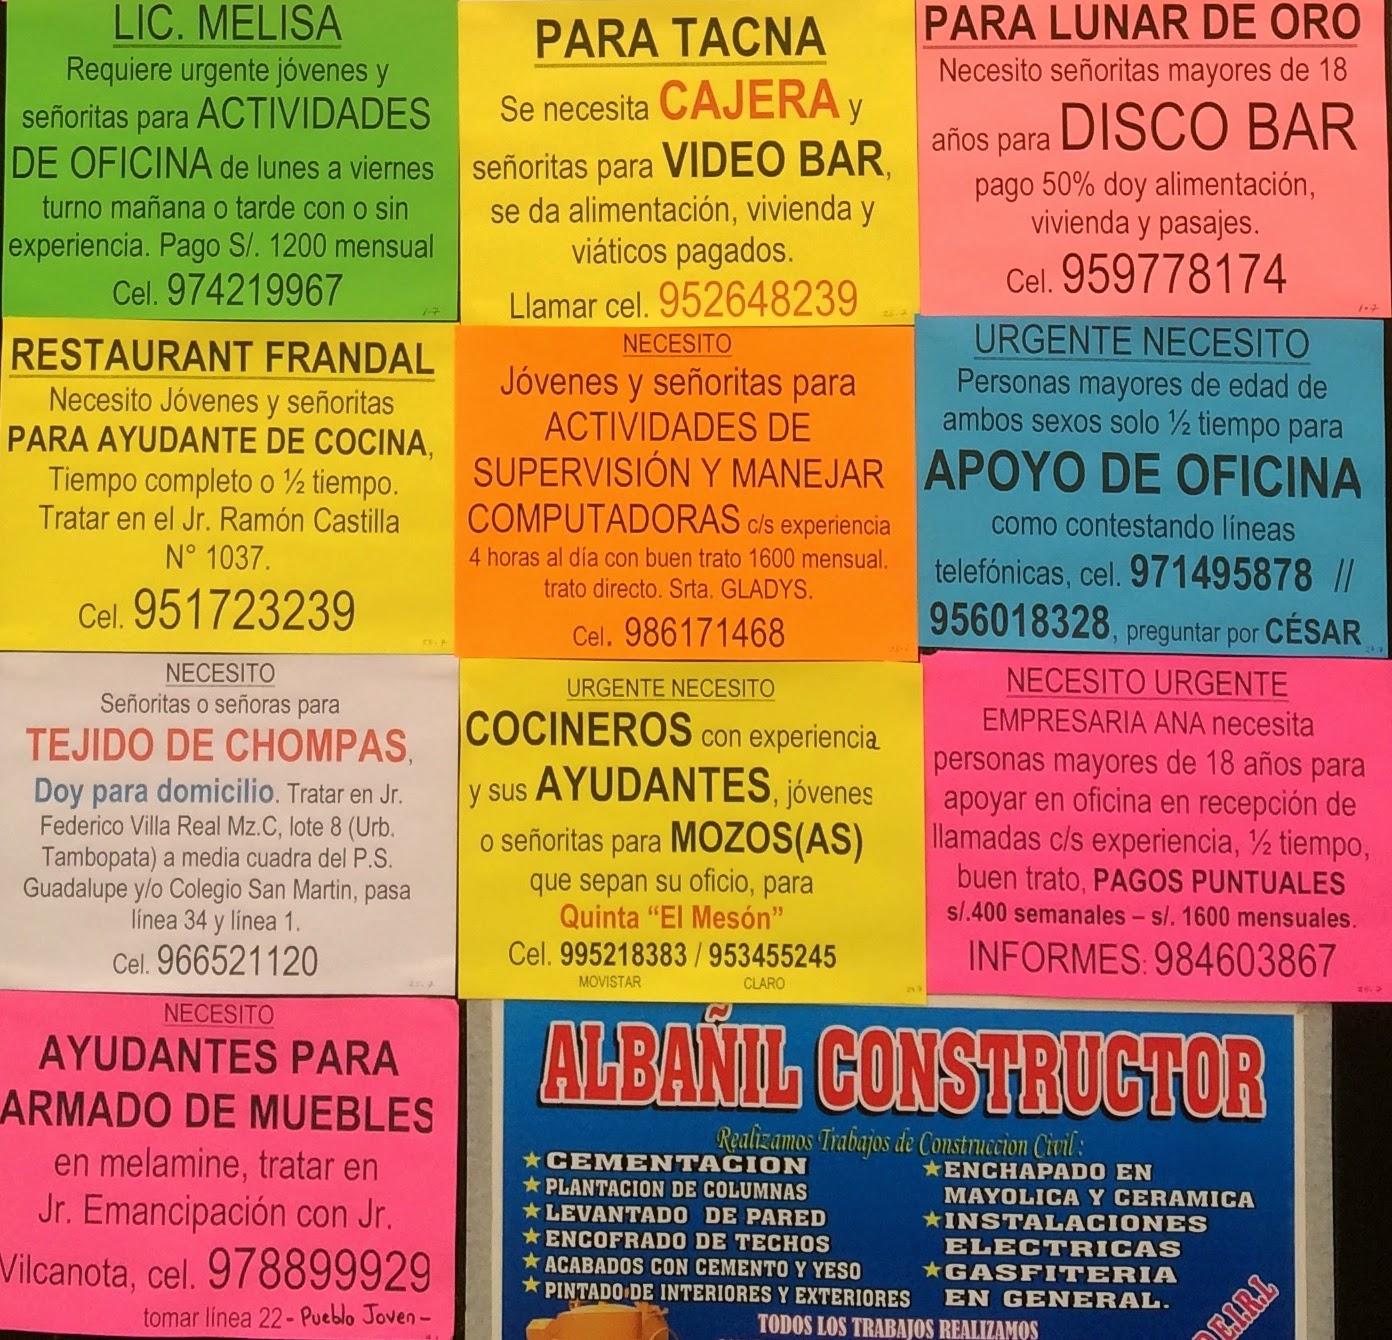 Busco trabajo juliaca anuncios 28 de mayo for Busco trabajo ayudante de cocina